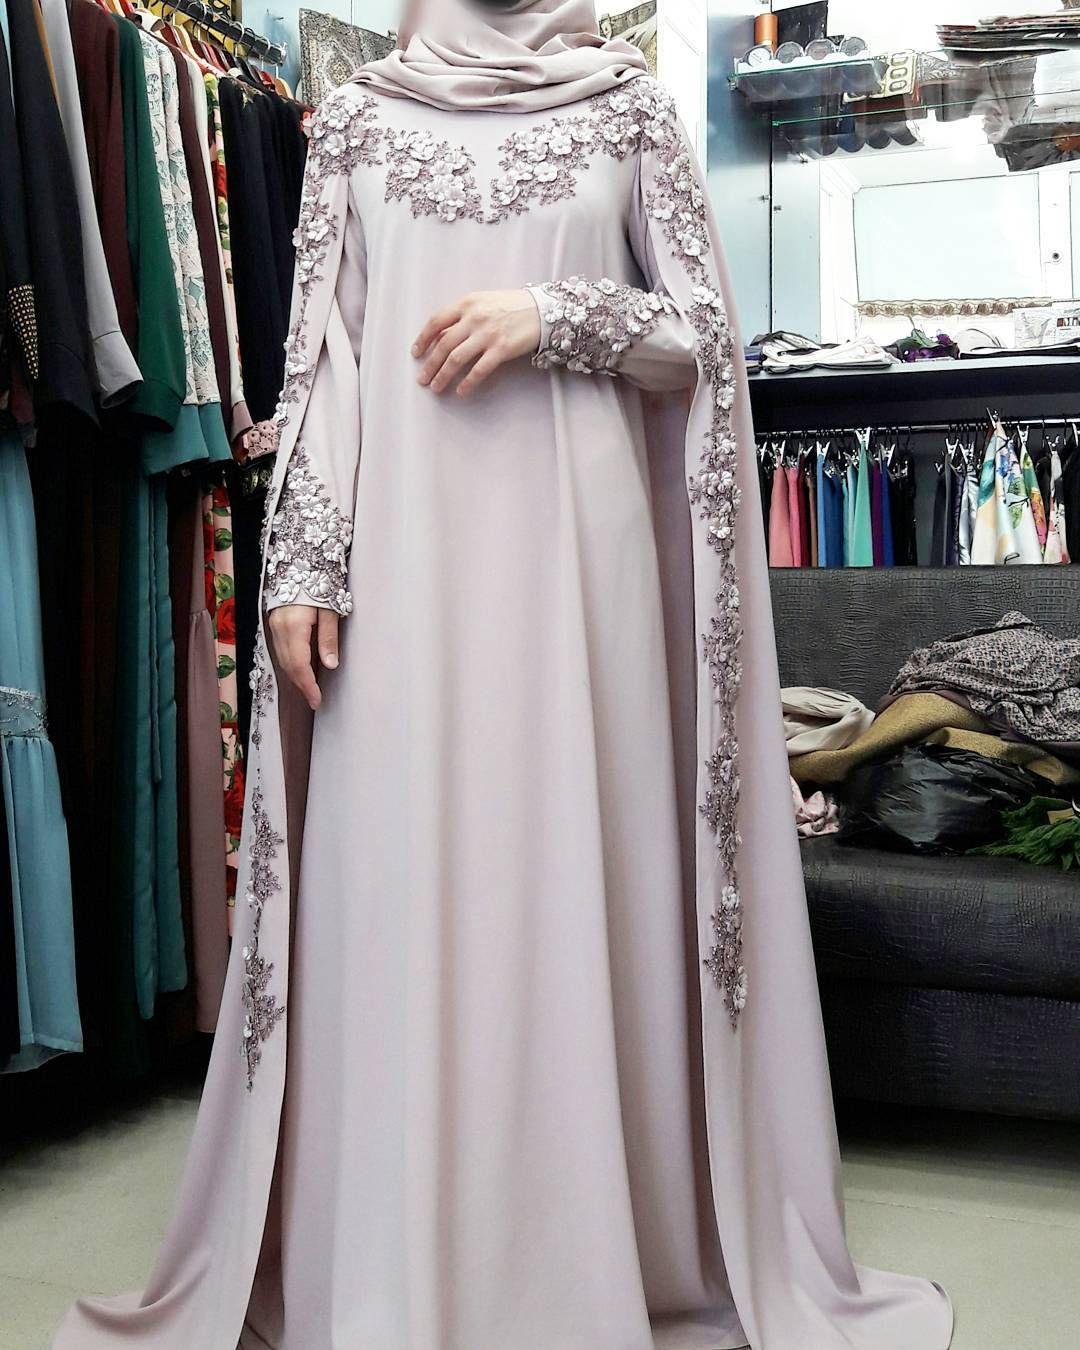 Plate Kejp 12000r Regram Via Asma Dress Muslim Fashion Dress Fashion Abayas Fashion [ 1350 x 1080 Pixel ]